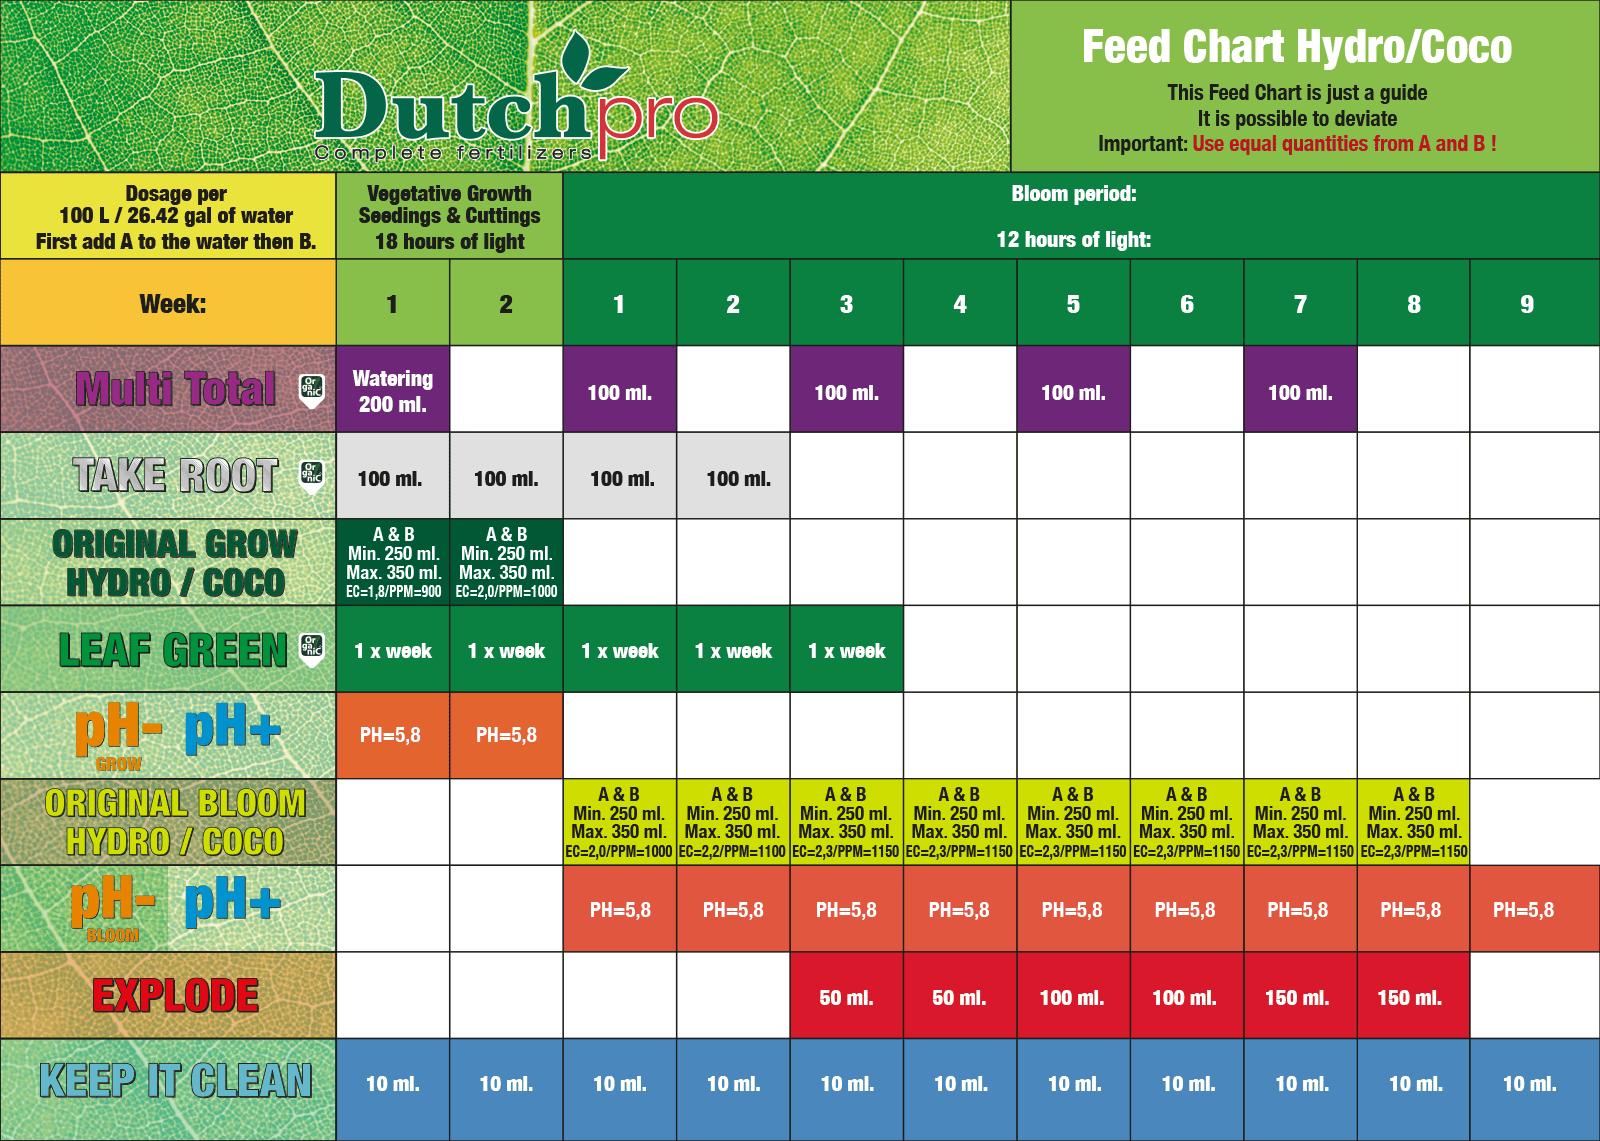 Dutch Pro Hydro/Coco